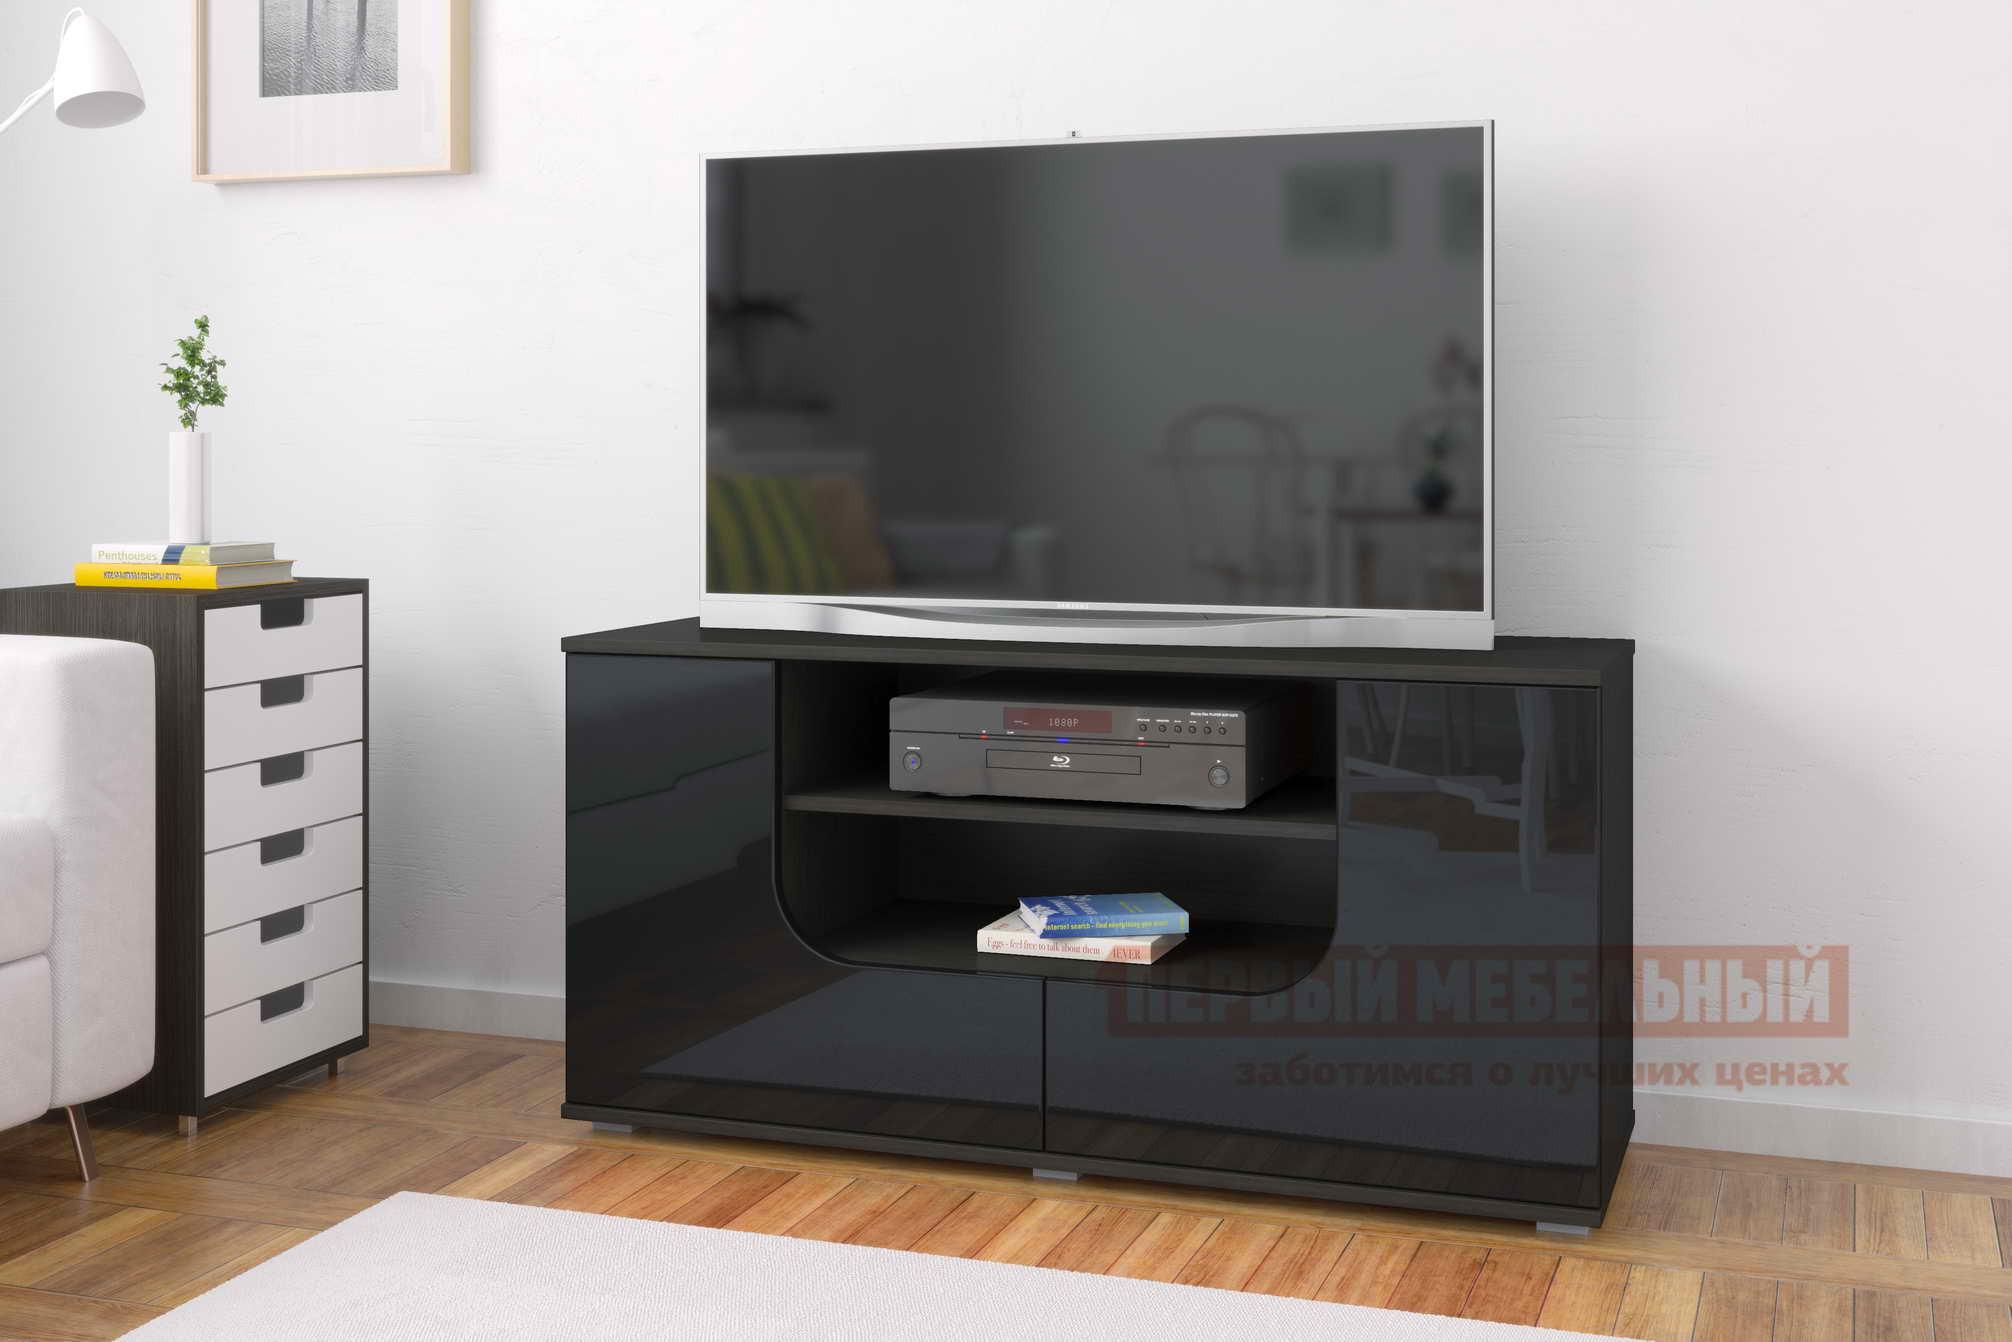 Тумба под телевизор Мебелеф Тумба под ТВ «Мебелеф-4» тумба под телевизор мебелеф тумба под тв мебелеф 6